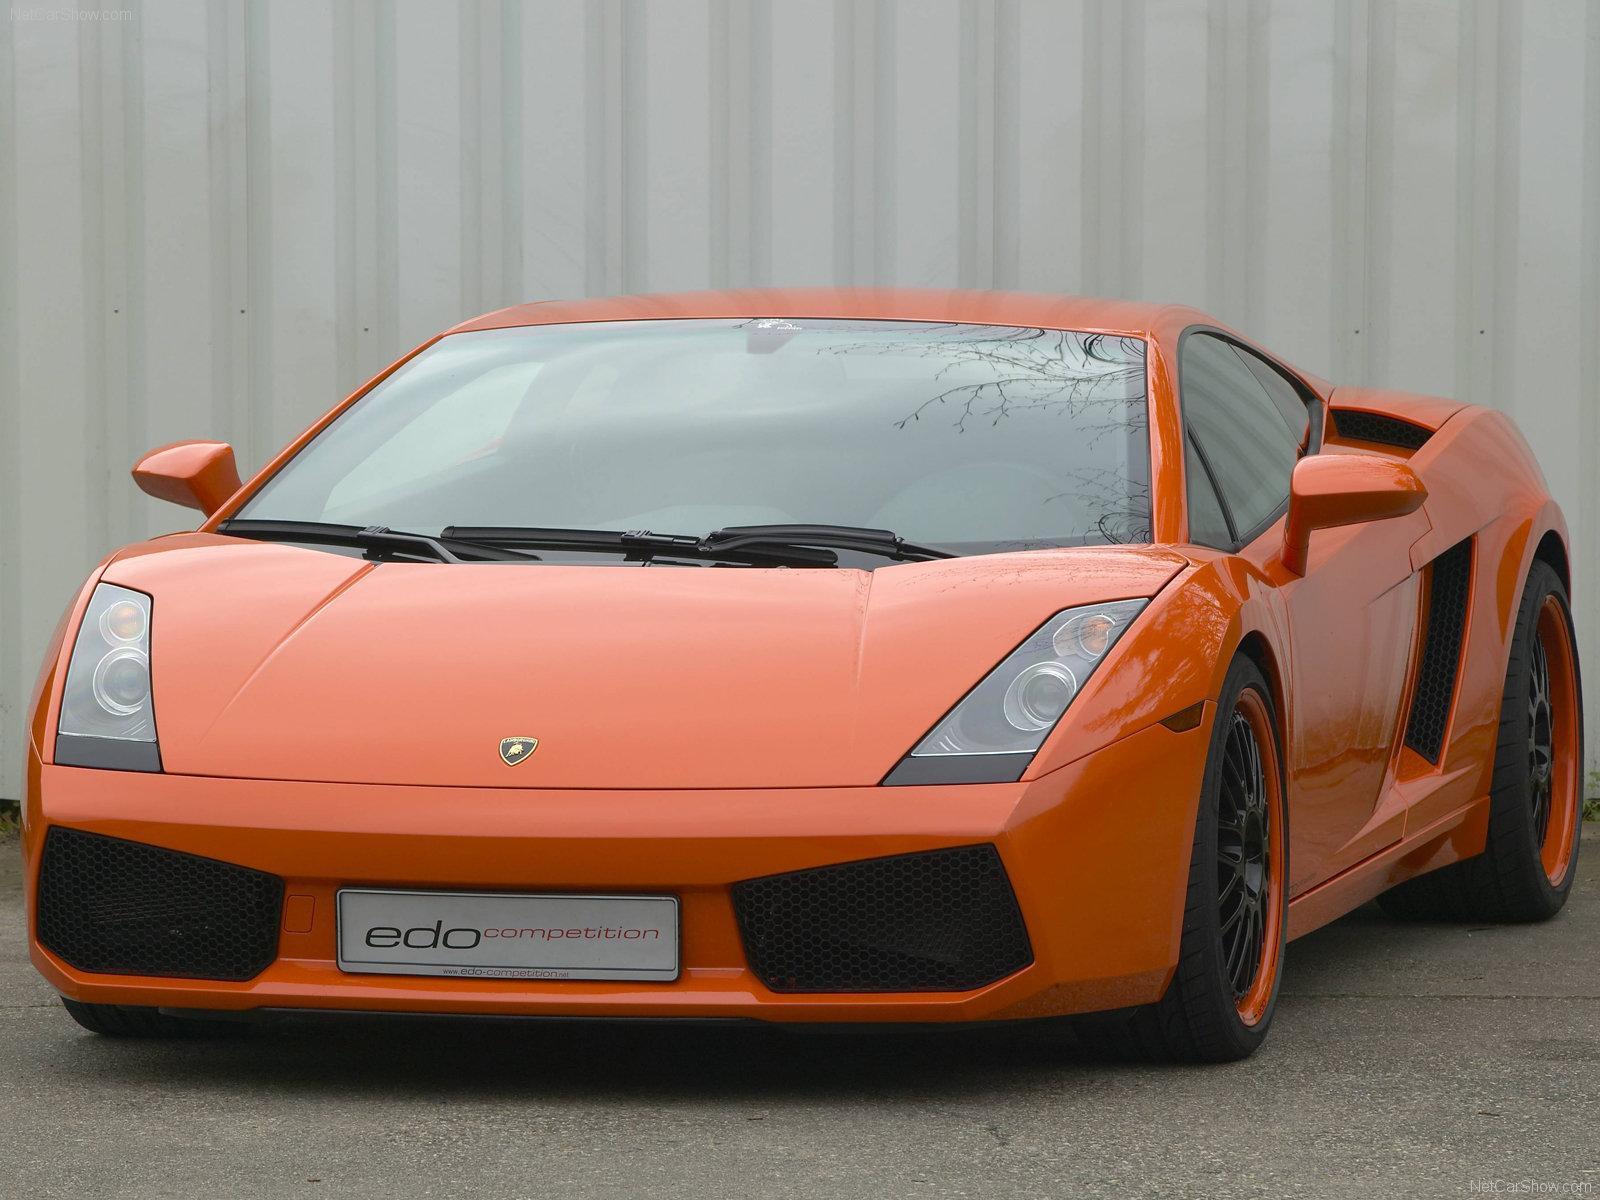 Hình ảnh siêu xe Edo Lamborghini Gallardo 2005 & nội ngoại thất